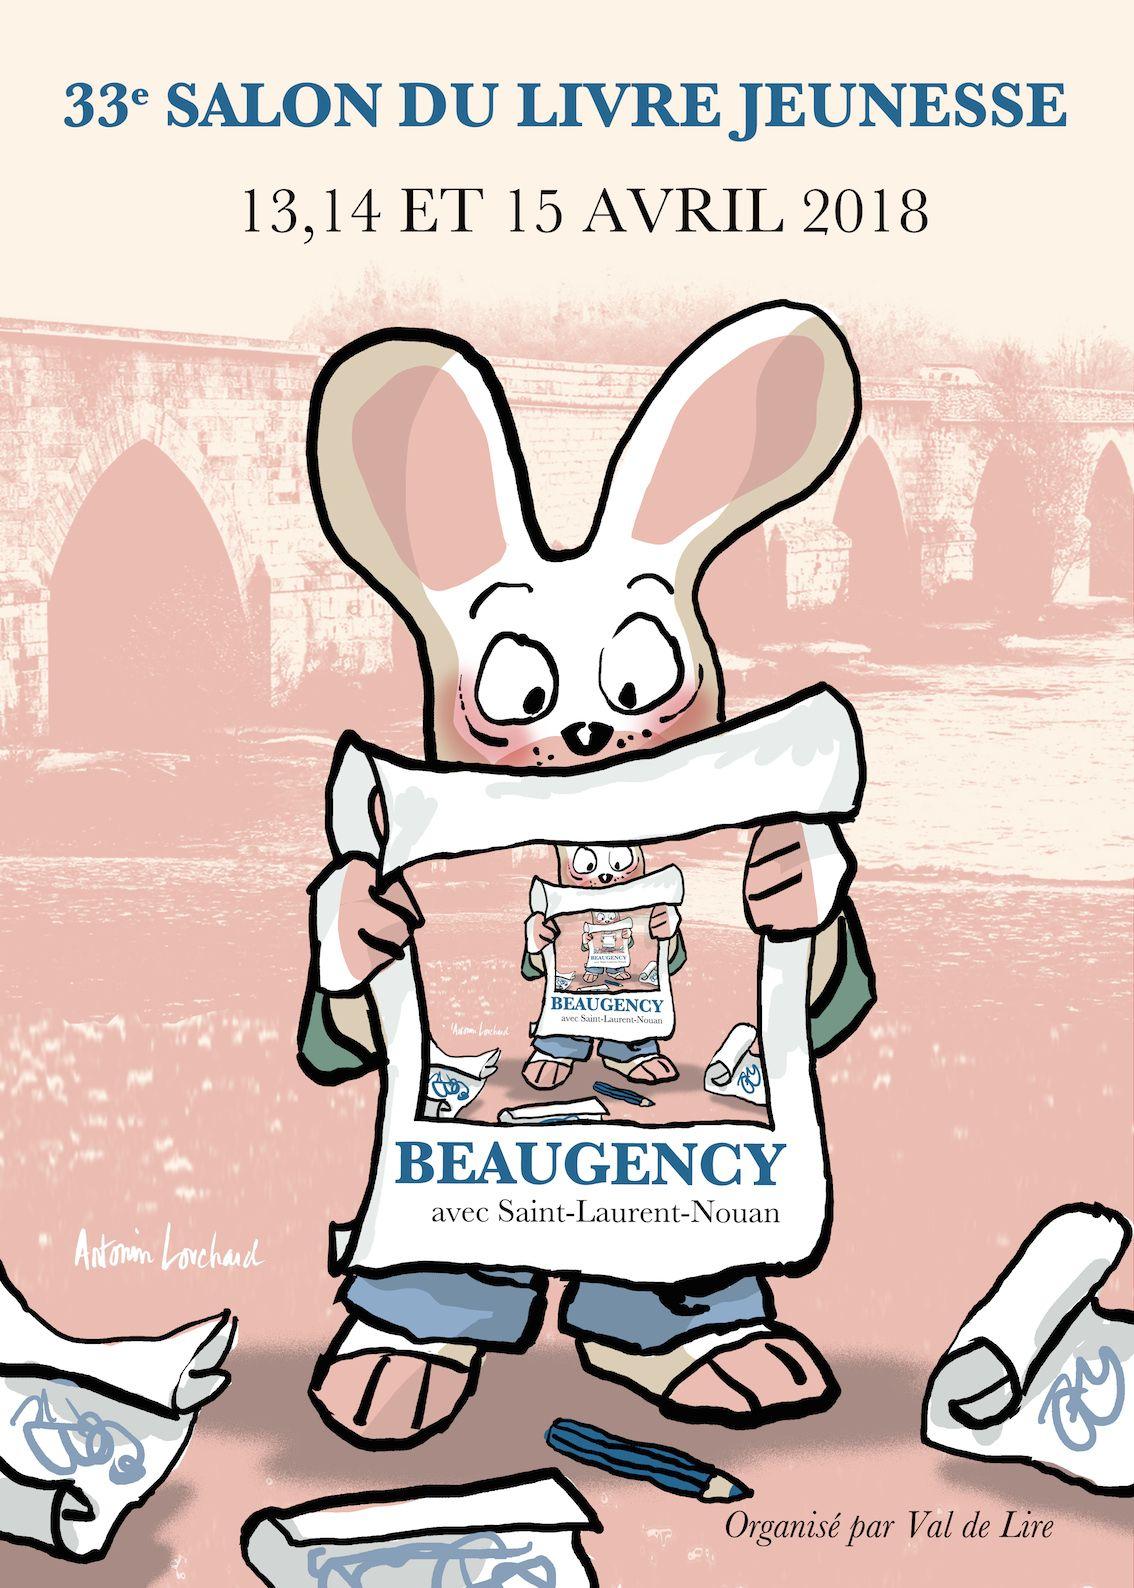 Le programme du 33e salon du livre jeunesse